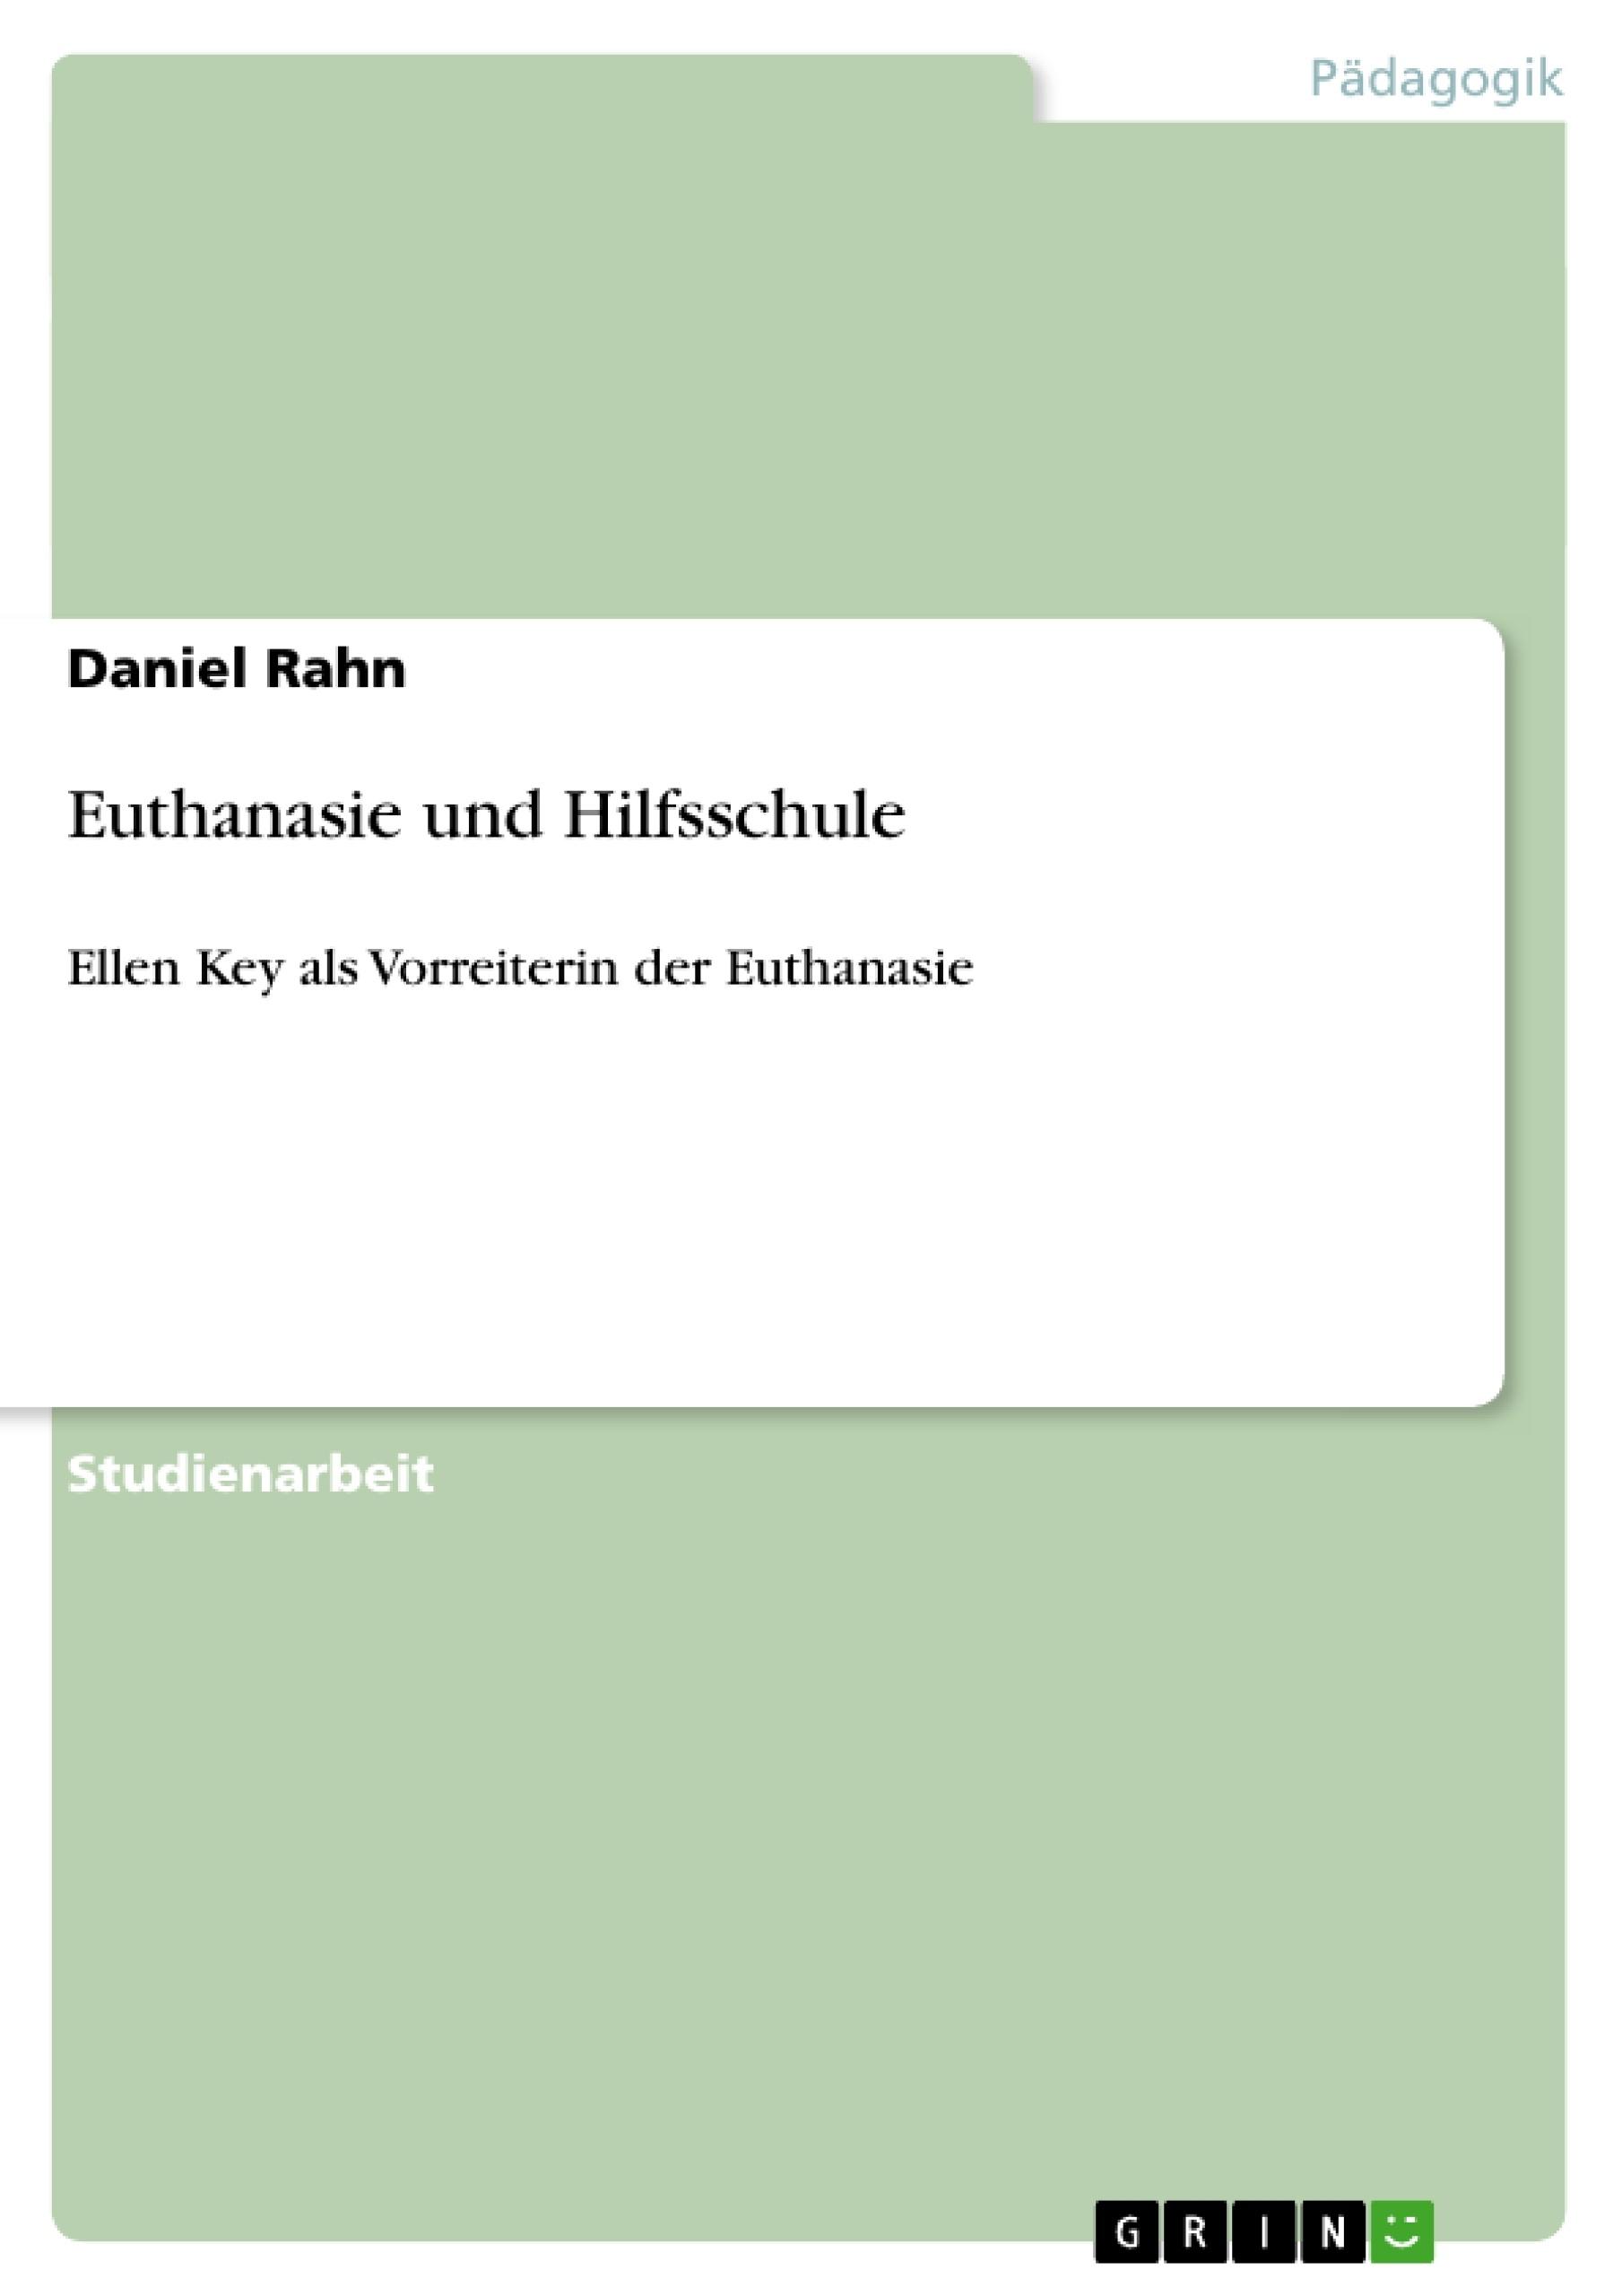 Titel: Euthanasie und Hilfsschule